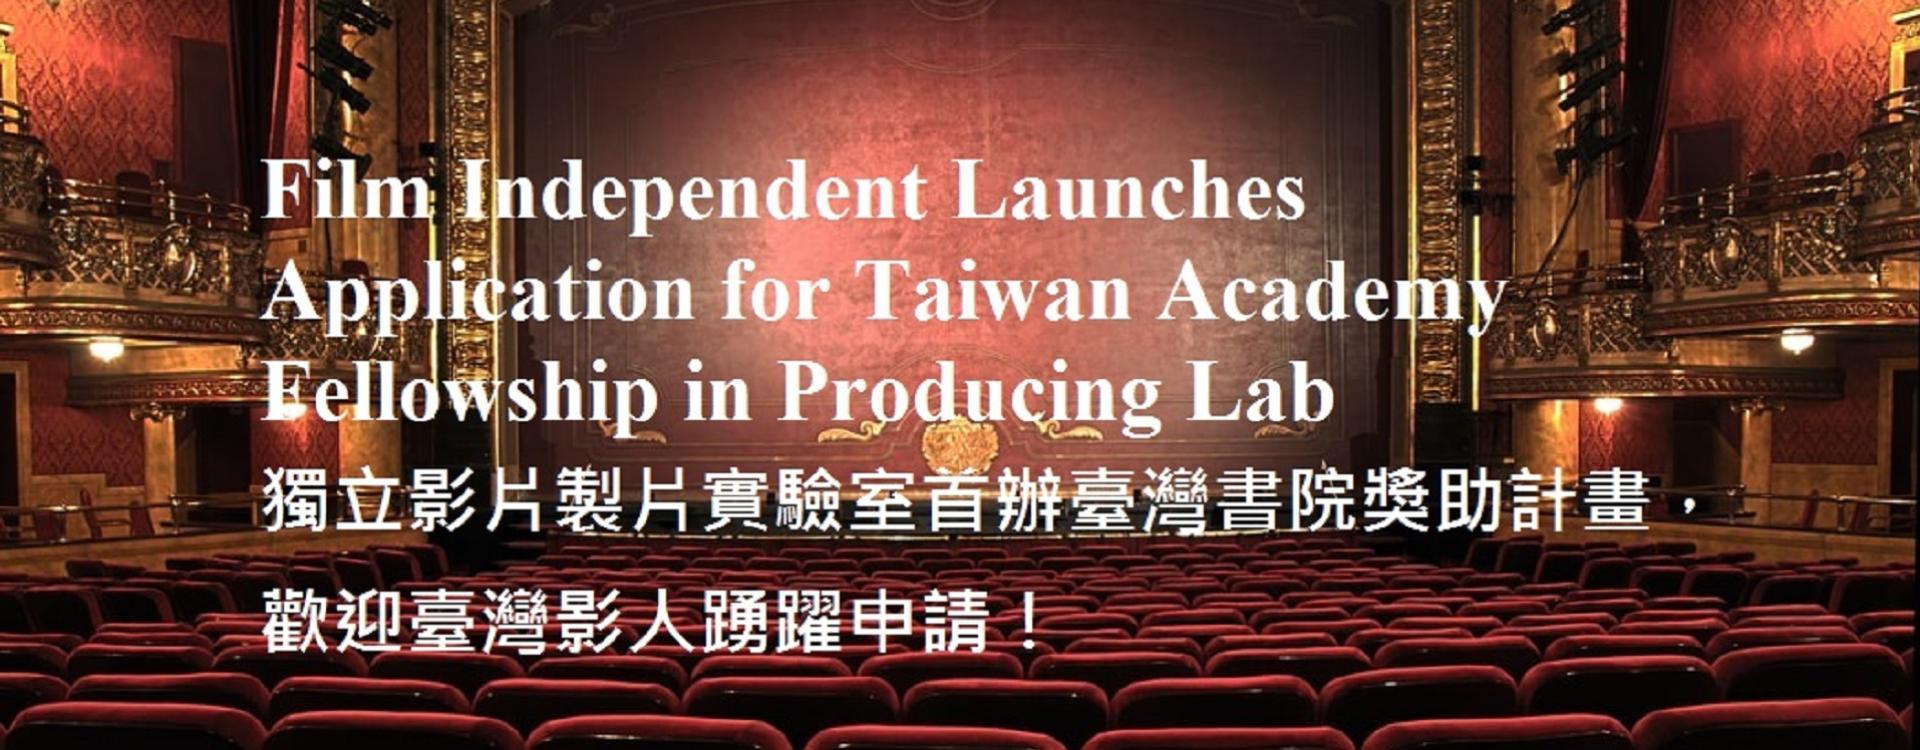 獨立影片製片實驗室首辦臺灣書院獎助計畫,歡迎臺灣影人踴躍申請!「另開新視窗」